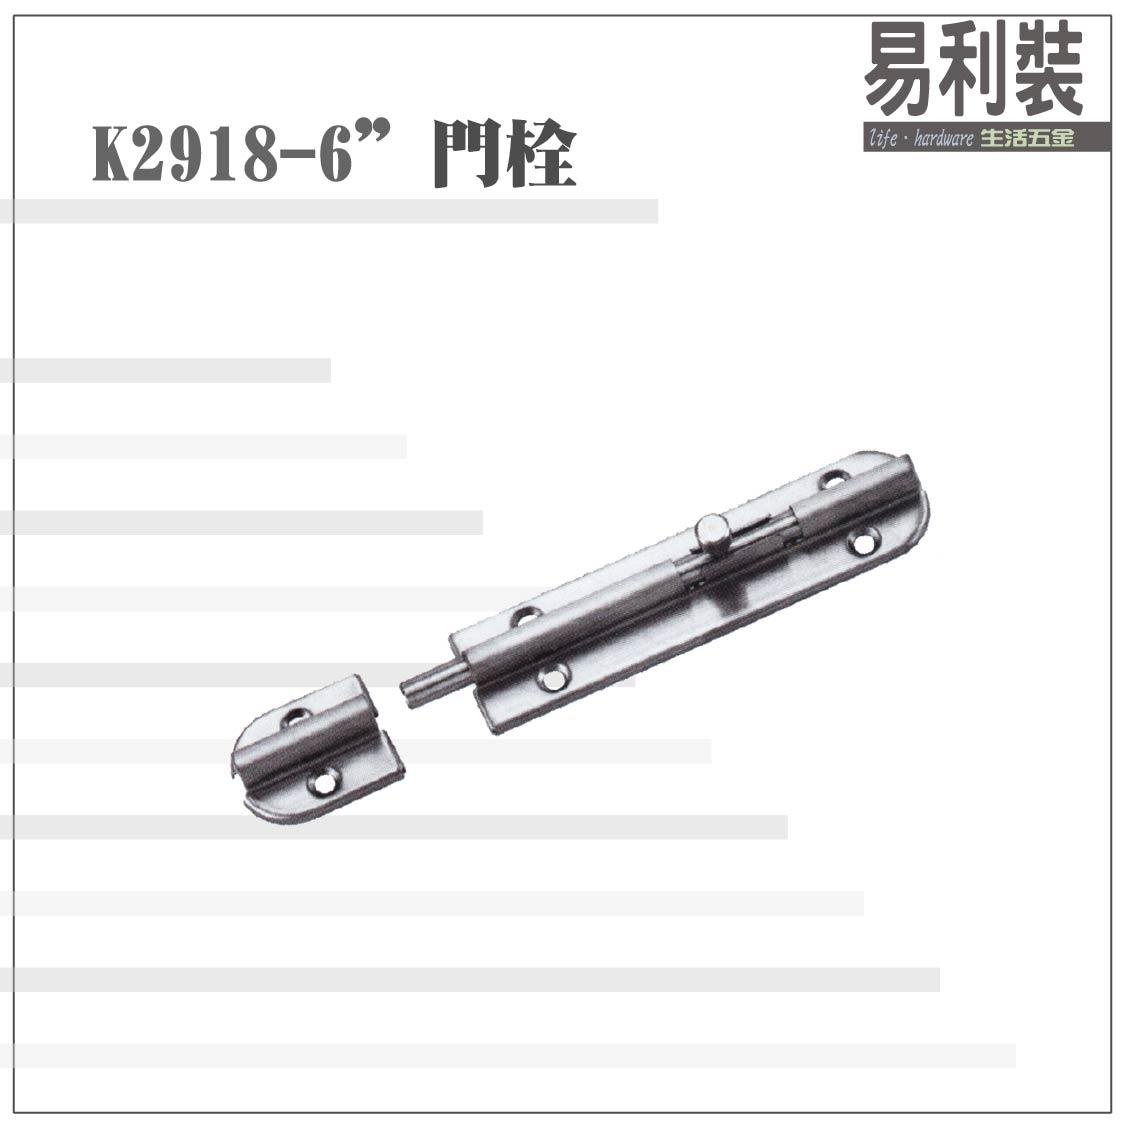 【 EASYCAN  】K2918-6 不鏽鋼門栓  易利裝生活五金 浴室 廚房 房間 臥房 衣櫃 小資族 辦公家具 系統家具